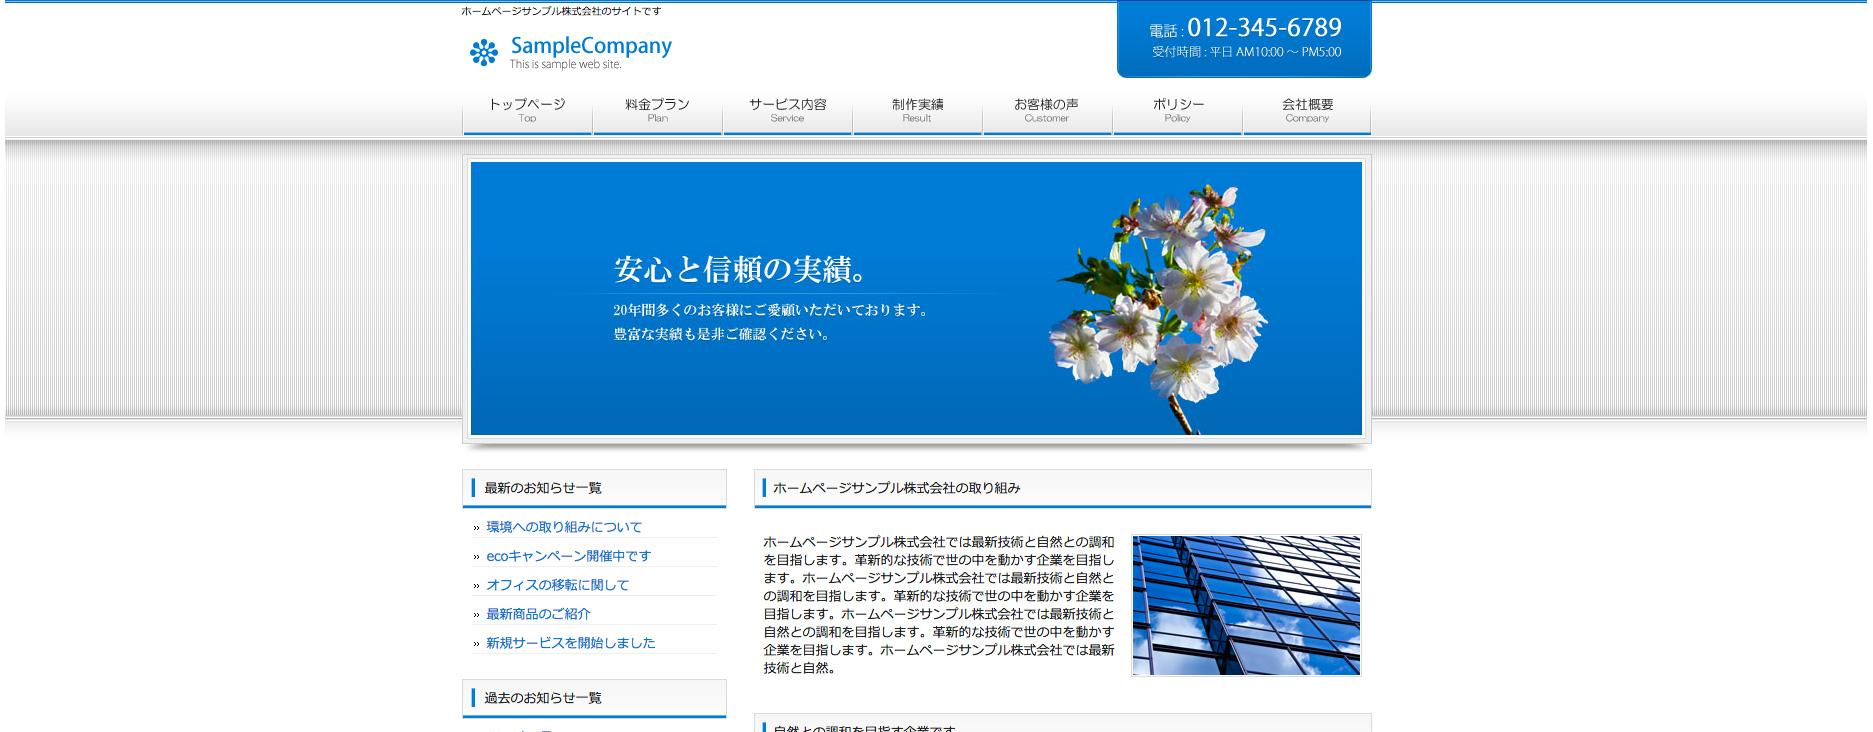 今すぐ使える 機能抜群の無料ホームページテンプレート8選 codecampus